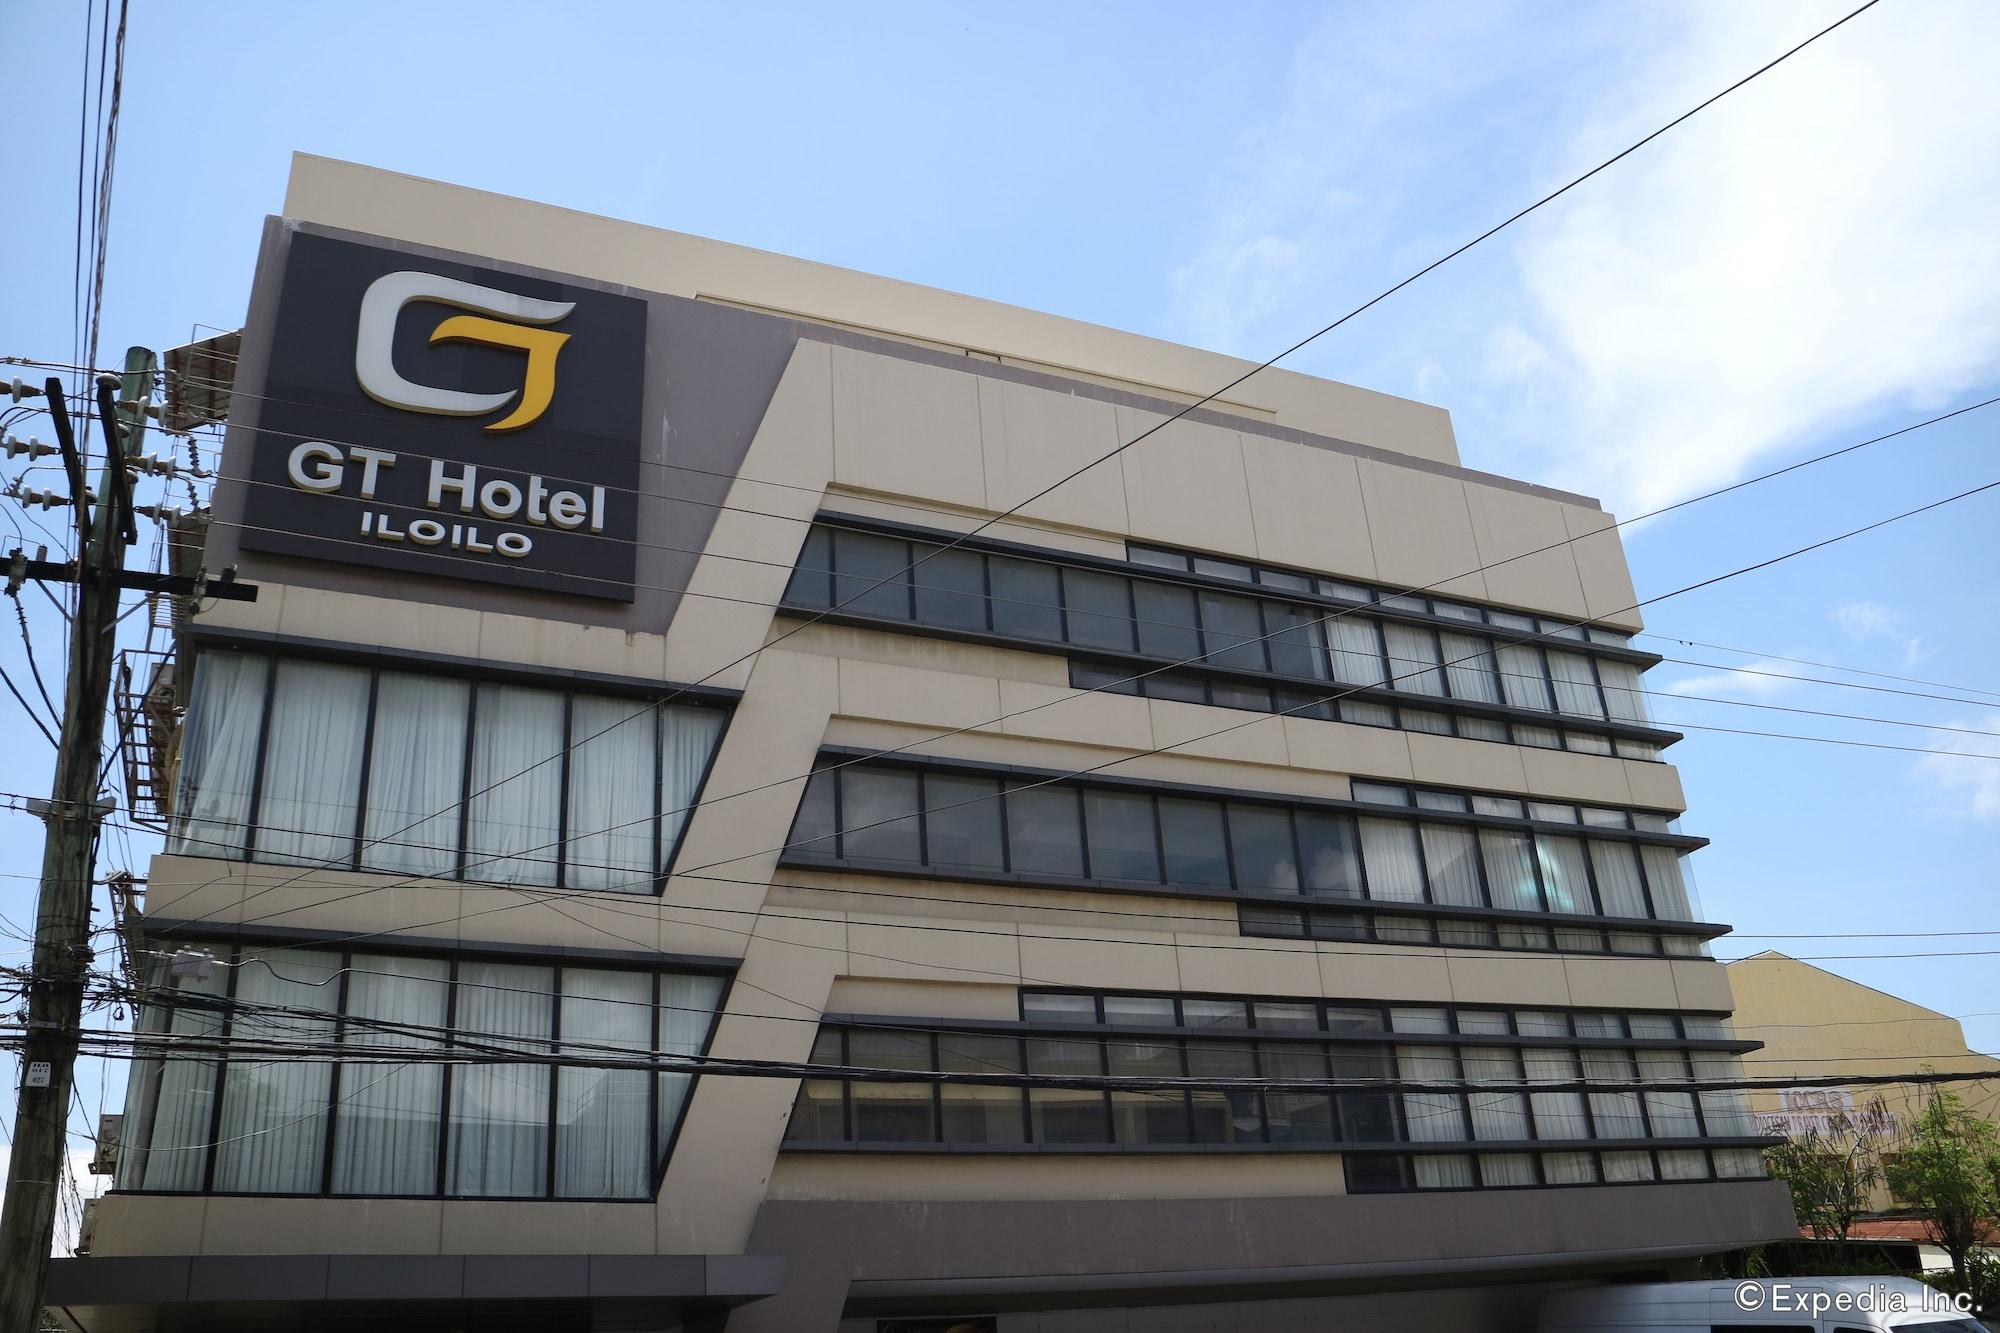 GT Hotel Iloilo, Iloilo City